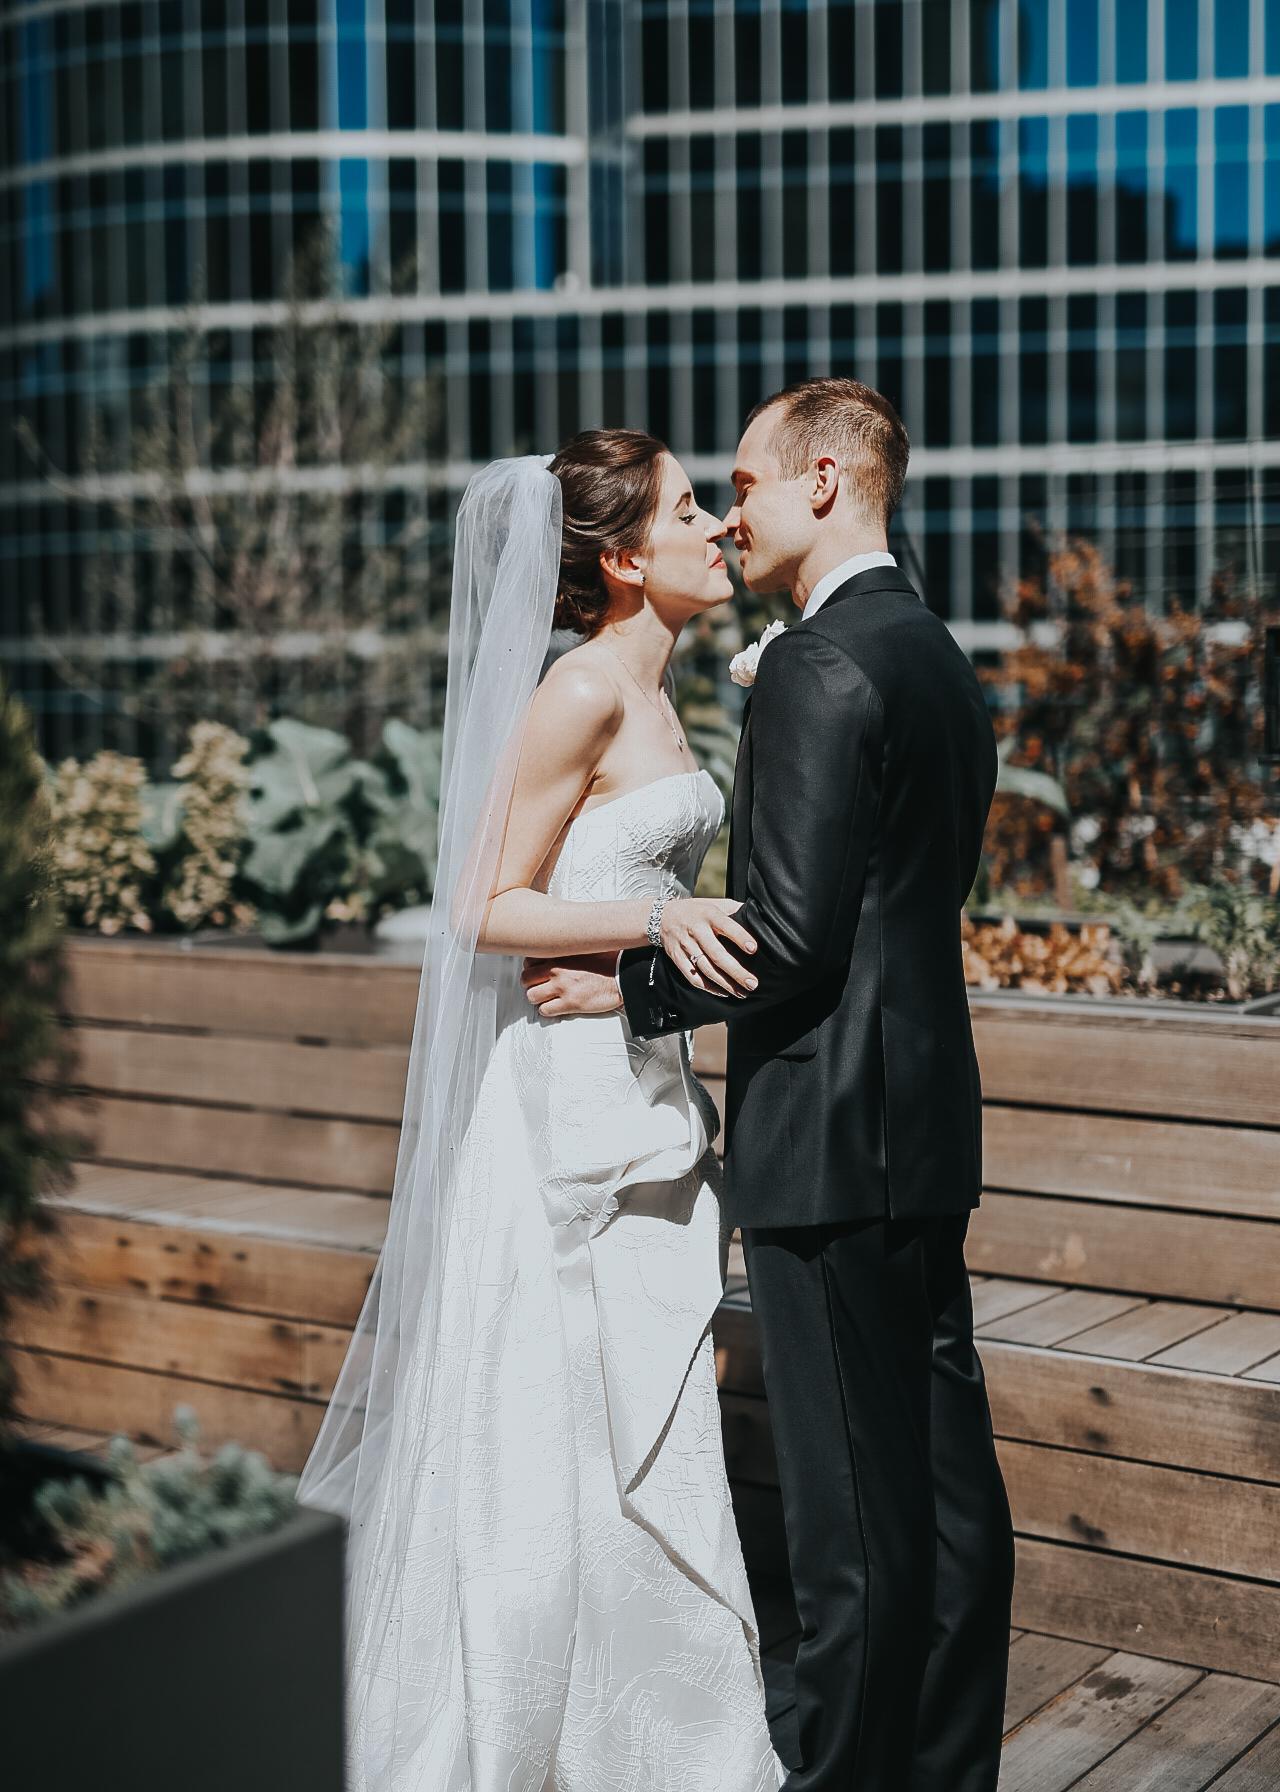 HARIKAPHOTO_WeddingPhotography-58.jpg